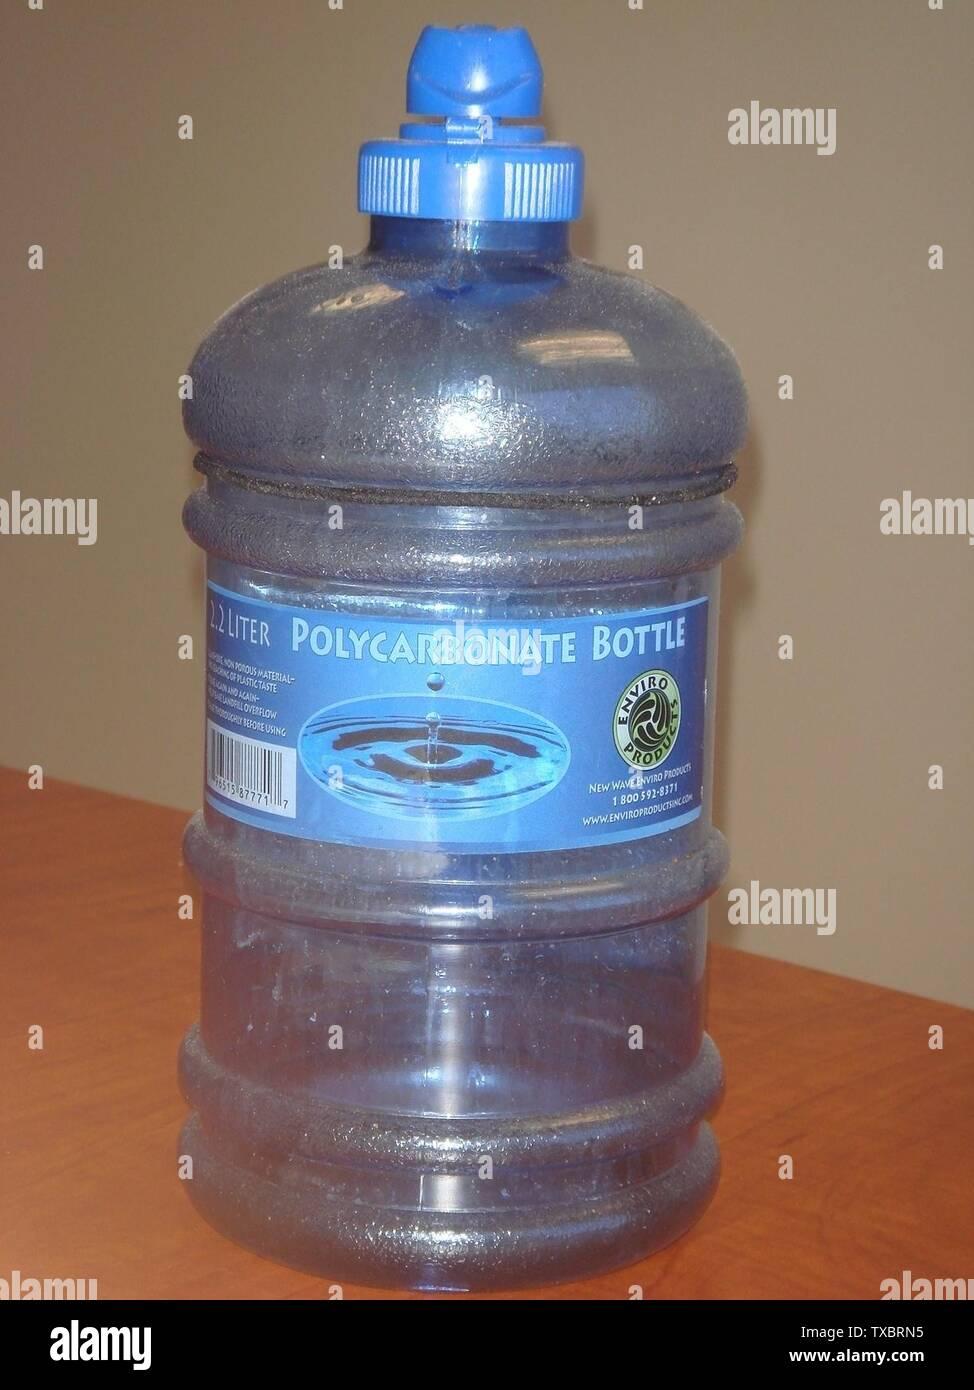 """""""Inglés: botella de agua policarbonato; 2 de julio de 2009 (fecha de carga original); por Donmike10 (Hablar); Donmike10 (Hablar); ' Imagen De Stock"""